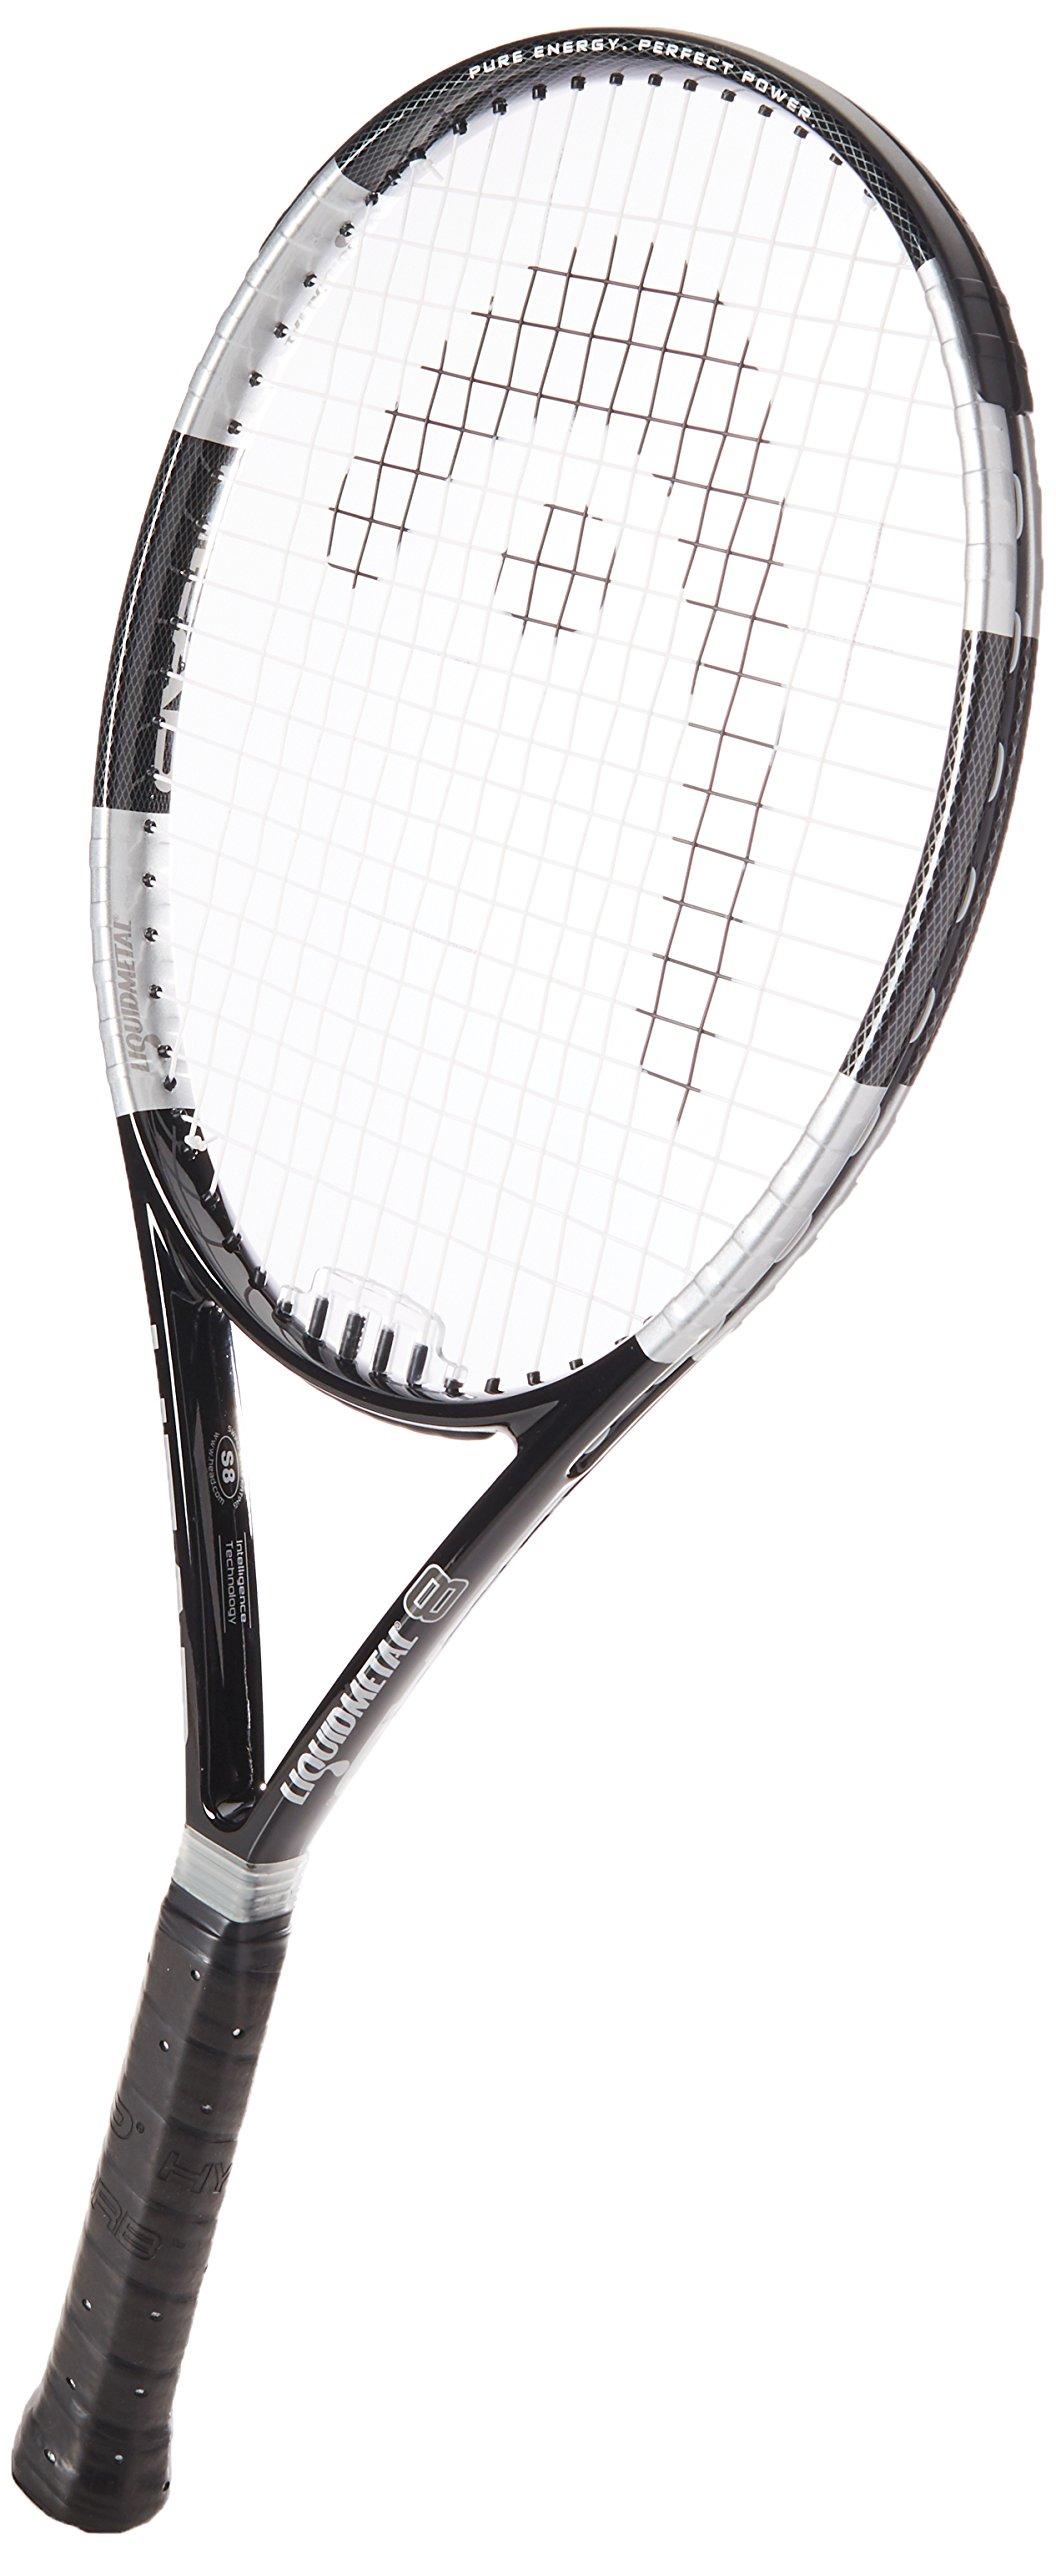 HEAD 2017 Liquidmetal 8 Tennis Racquet, Strung, 4 3/8 Inch Grip